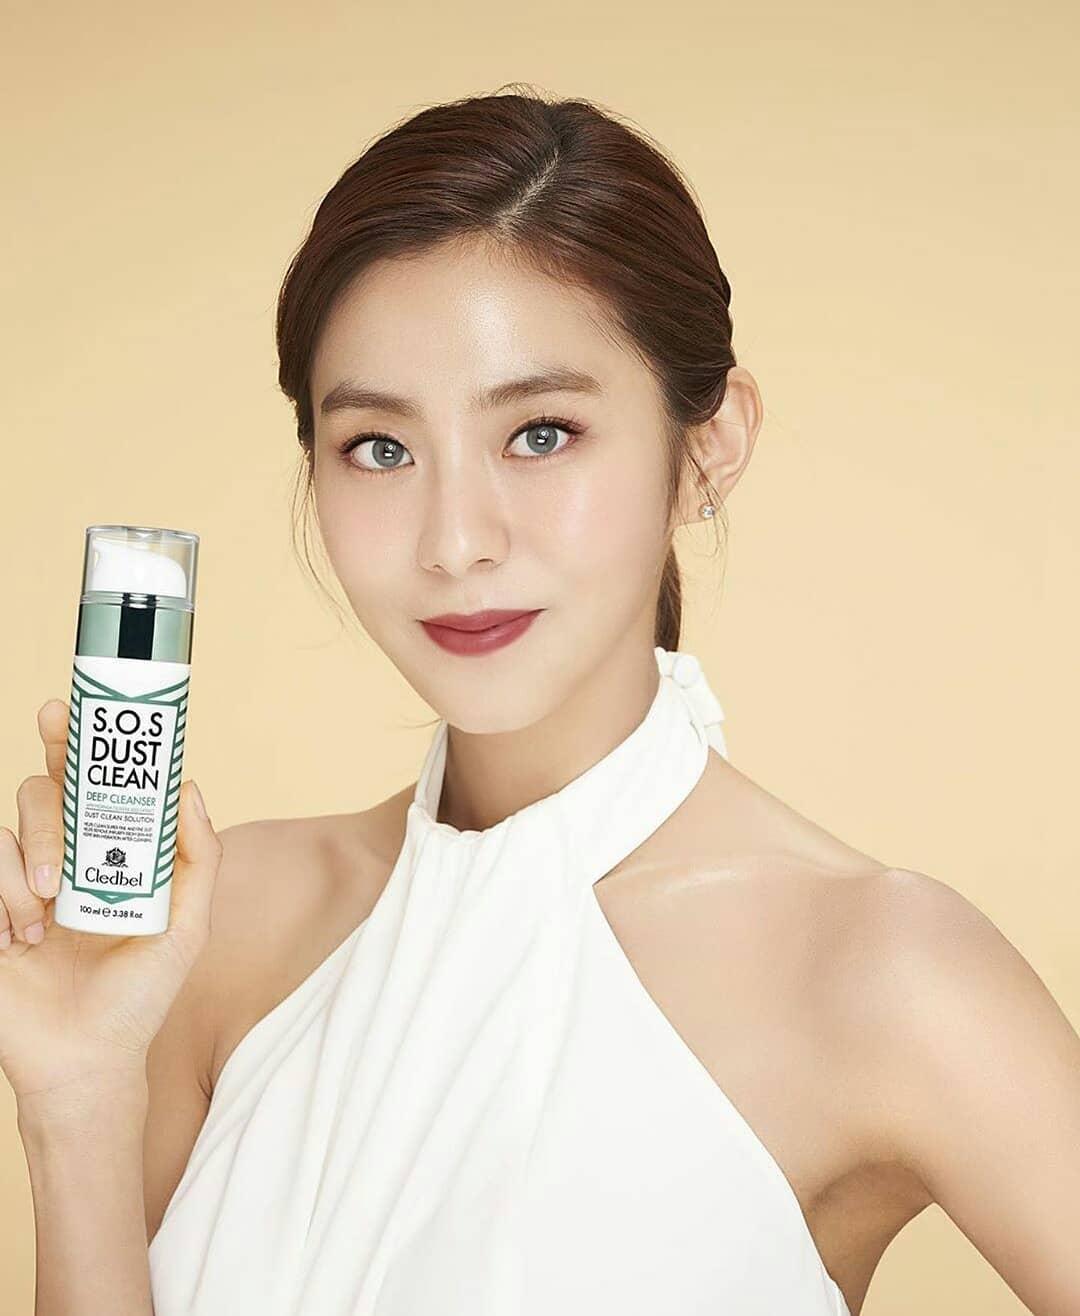 Kim Yu-jin